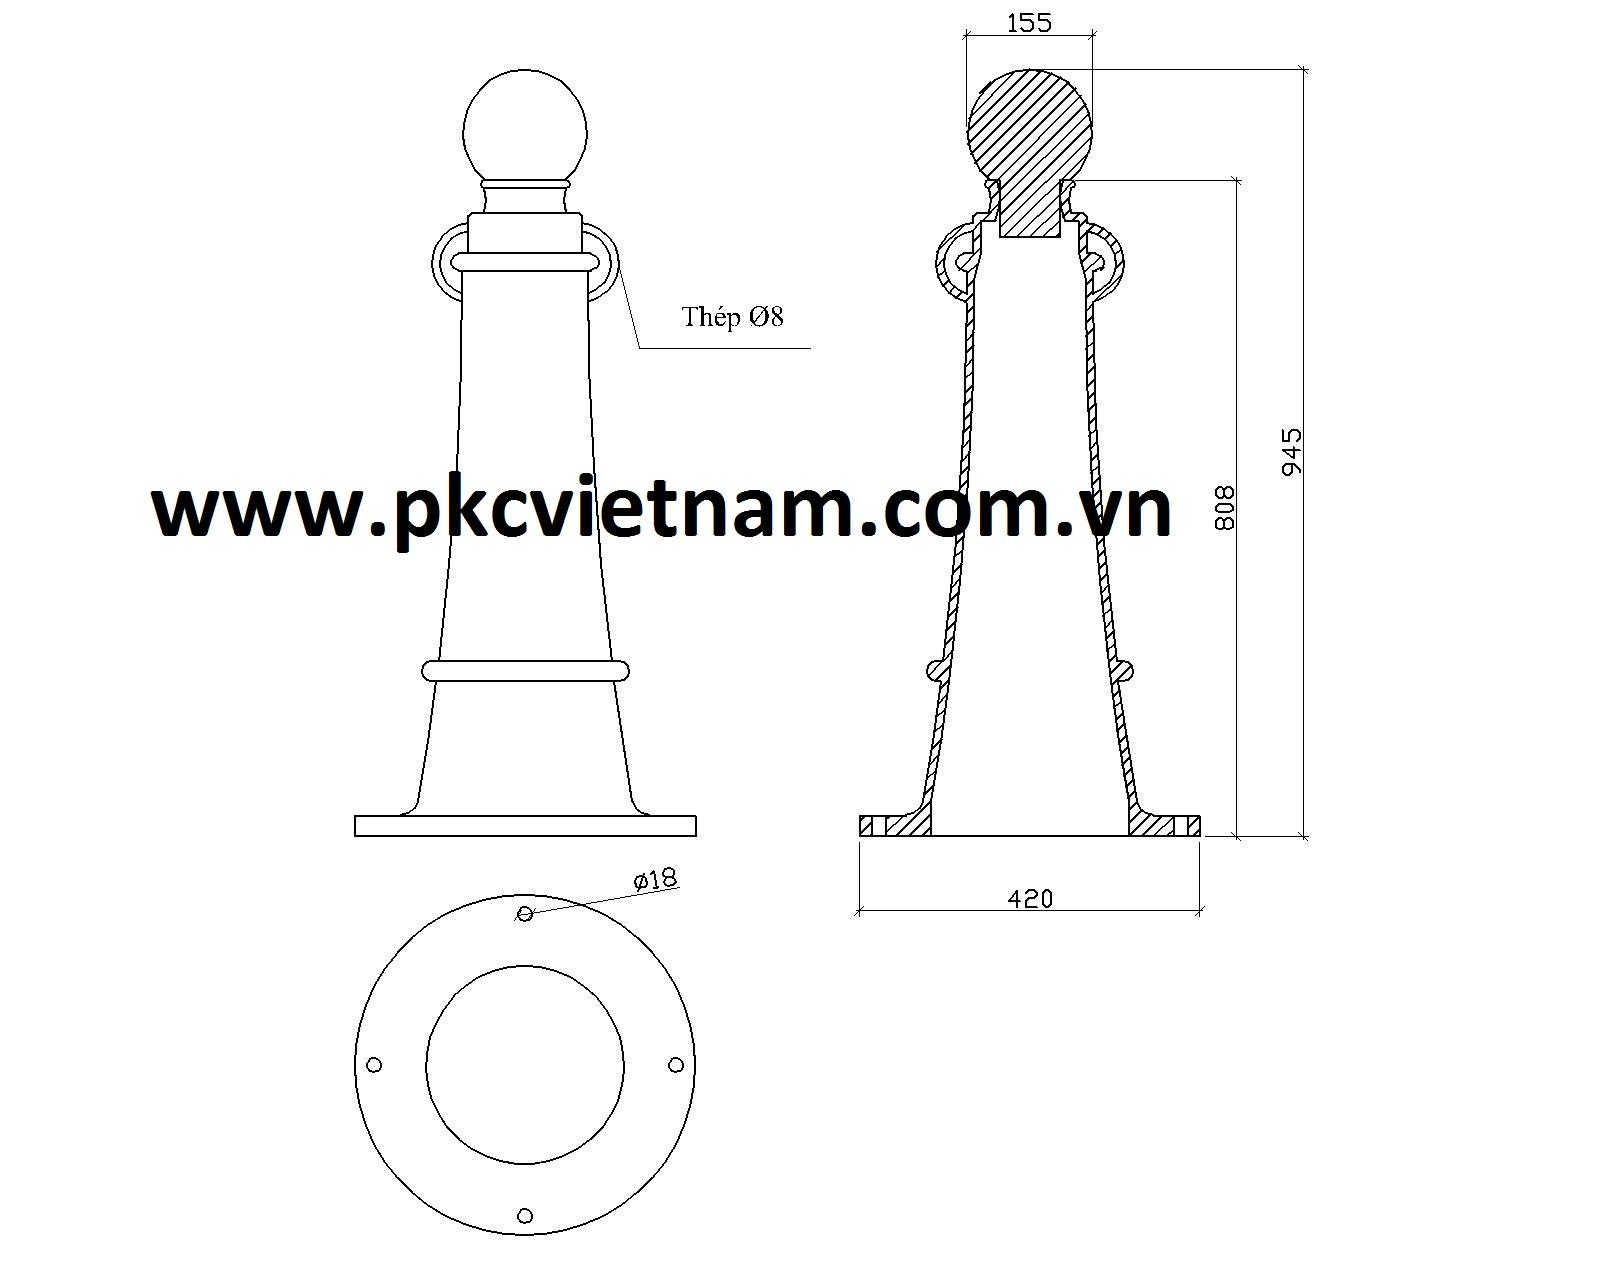 TLC_www.pkcvietnam.com.vnl